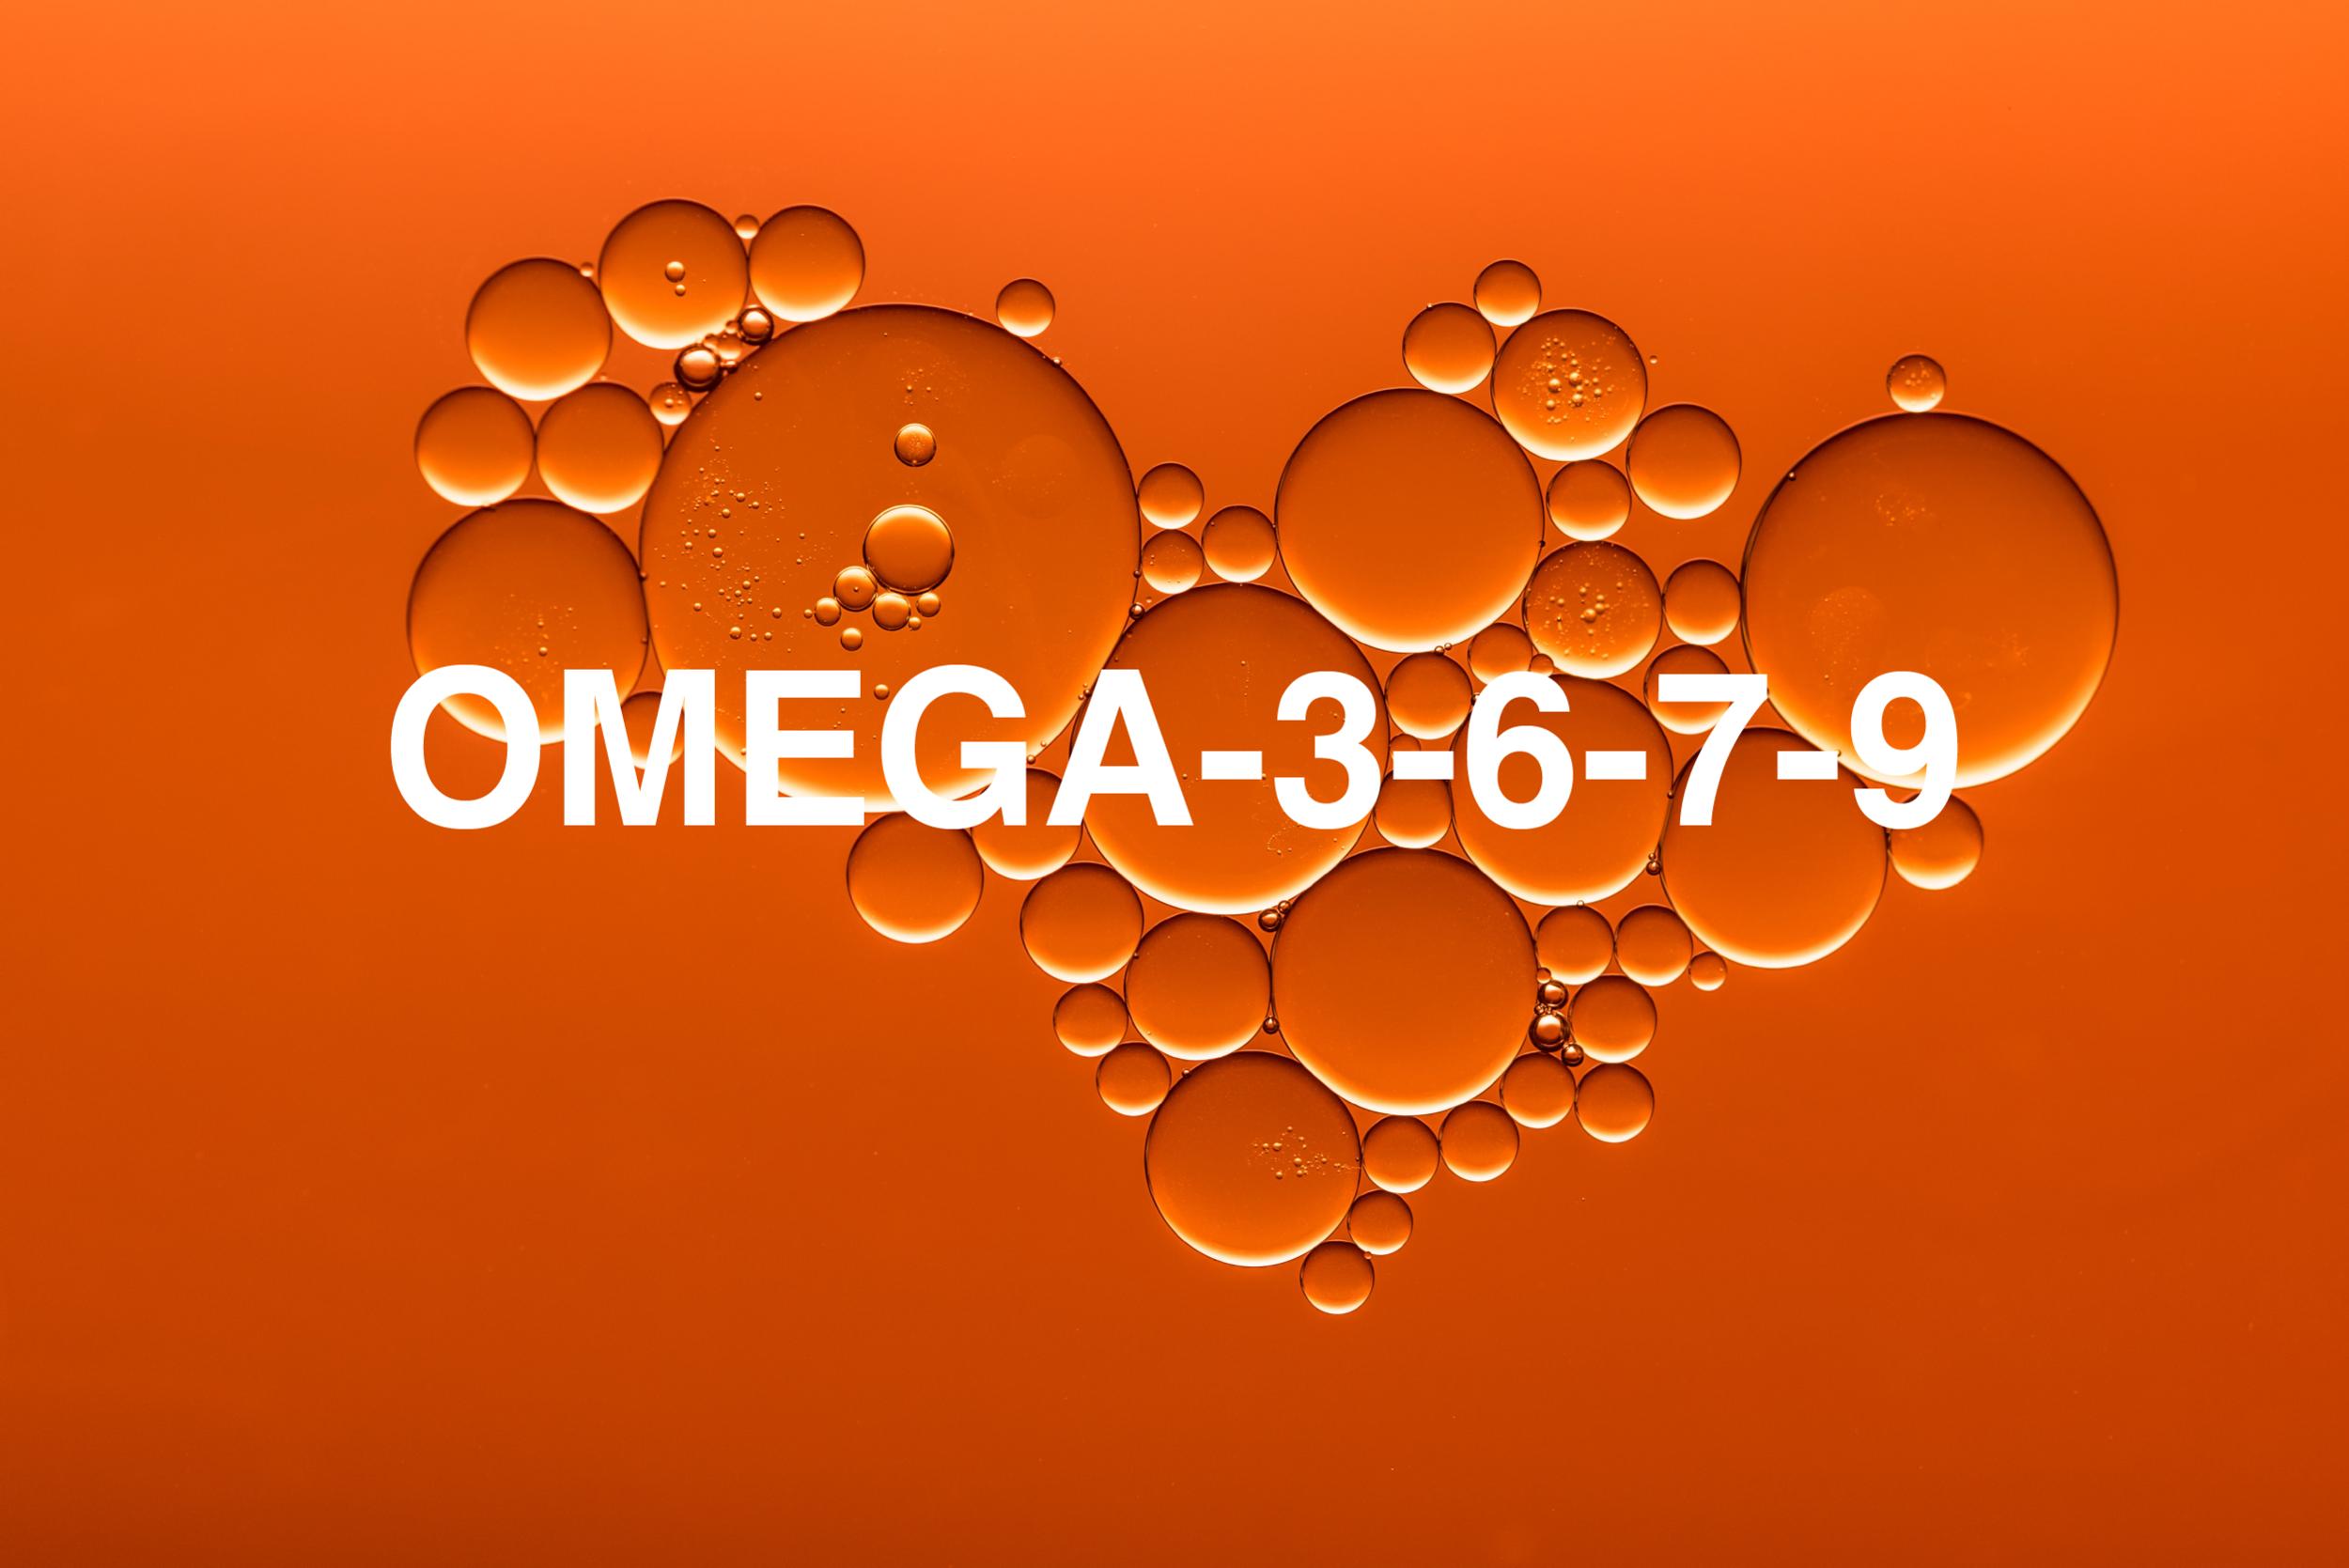 OMEGA-3-6-7-9